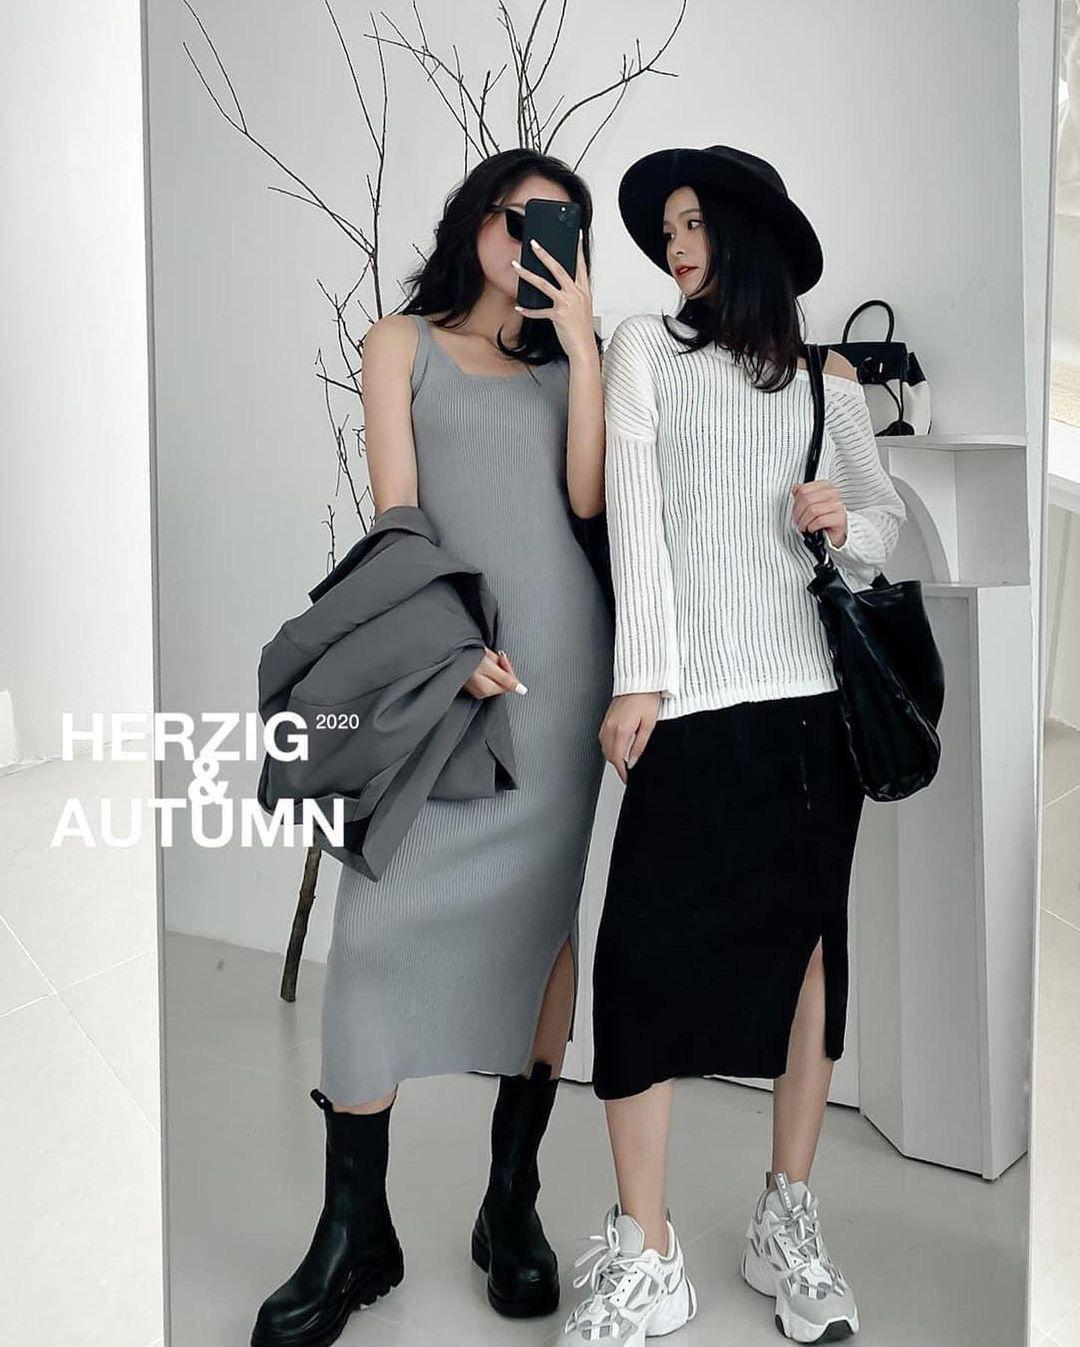 Song Hye Kyo diện áo len Zara mà sang nức nở, sắm về 1 em tương tự là bạn có style Thu chuẩn đẹp - Ảnh 5.